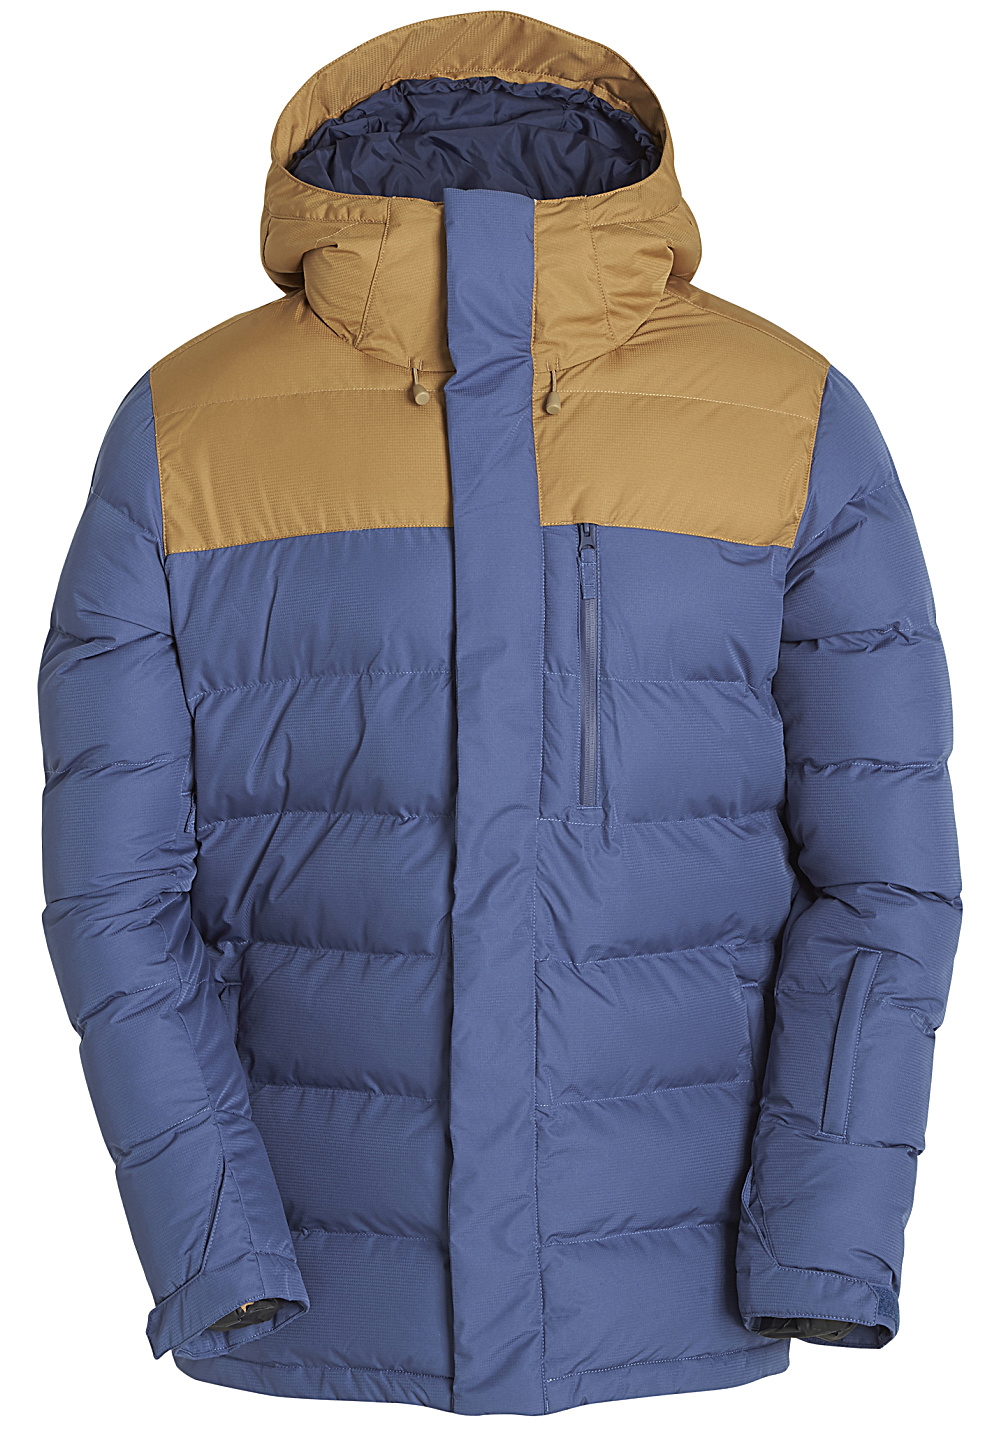 Куртка Сноубордическая Billabong 2017-18 Spray Dark Blue